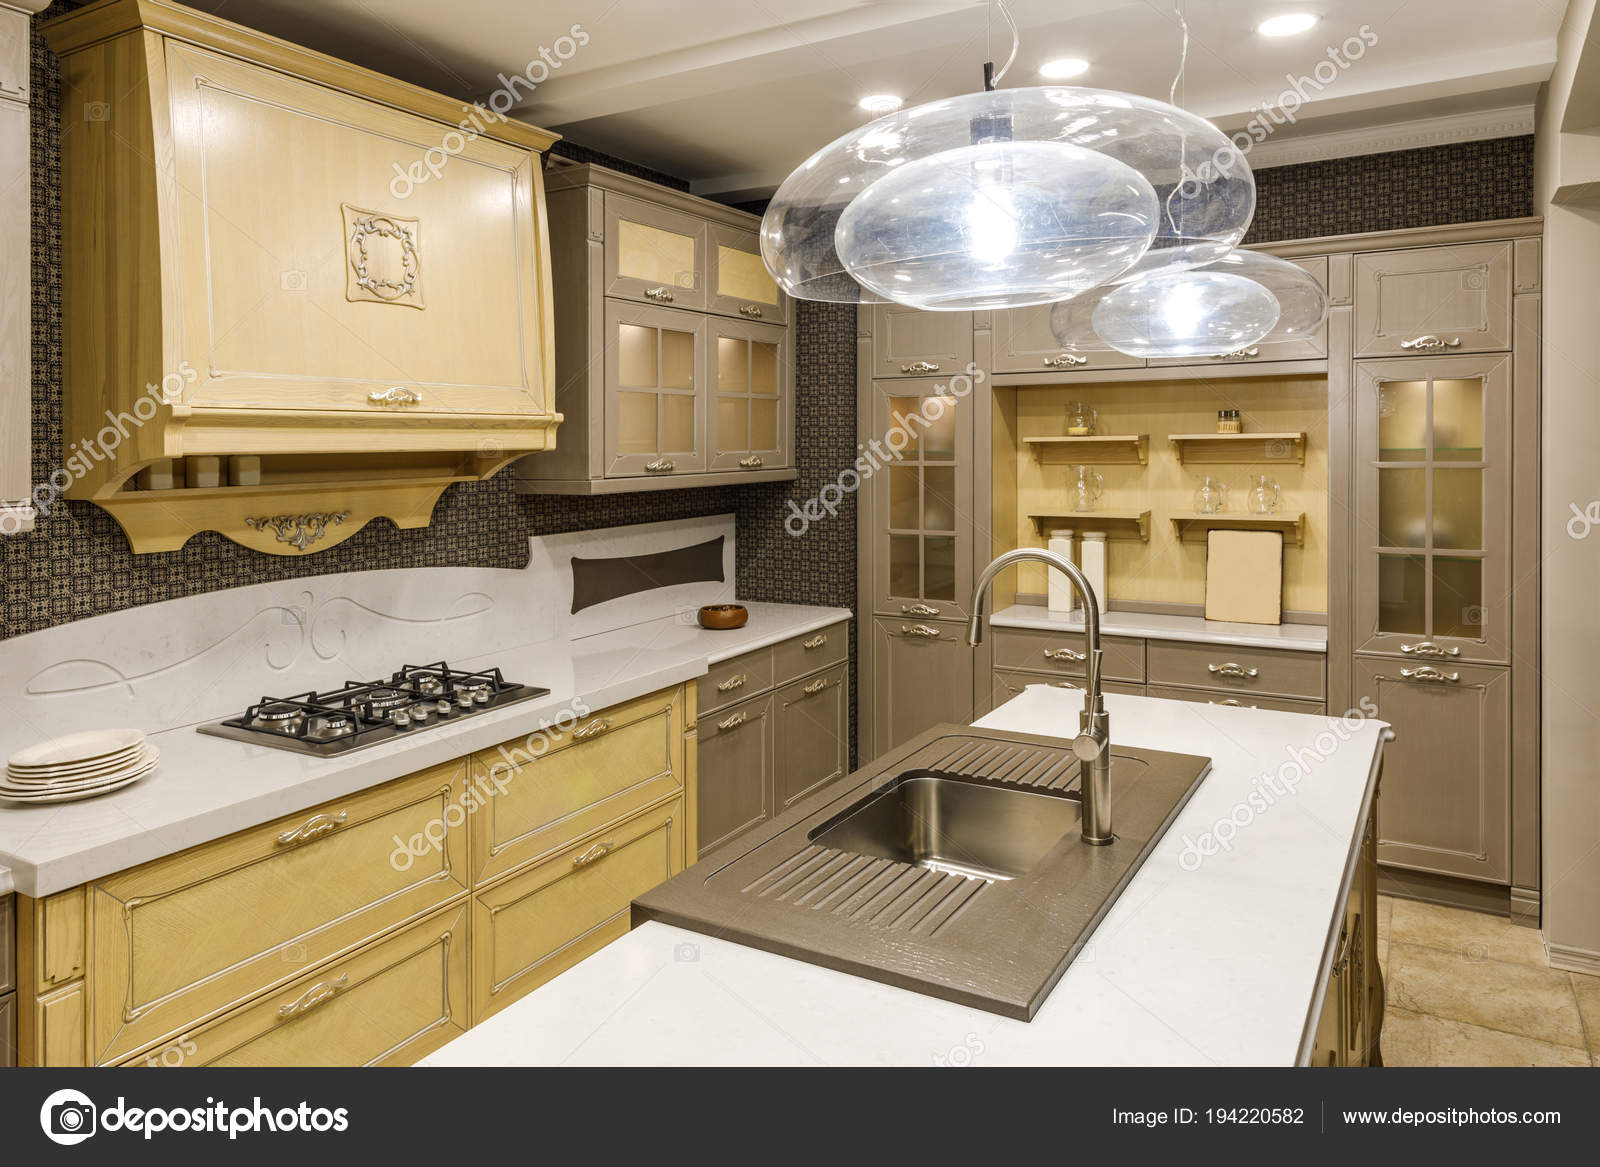 Cozinha Elegante Com Lustre Moderno Pia Stock Photo